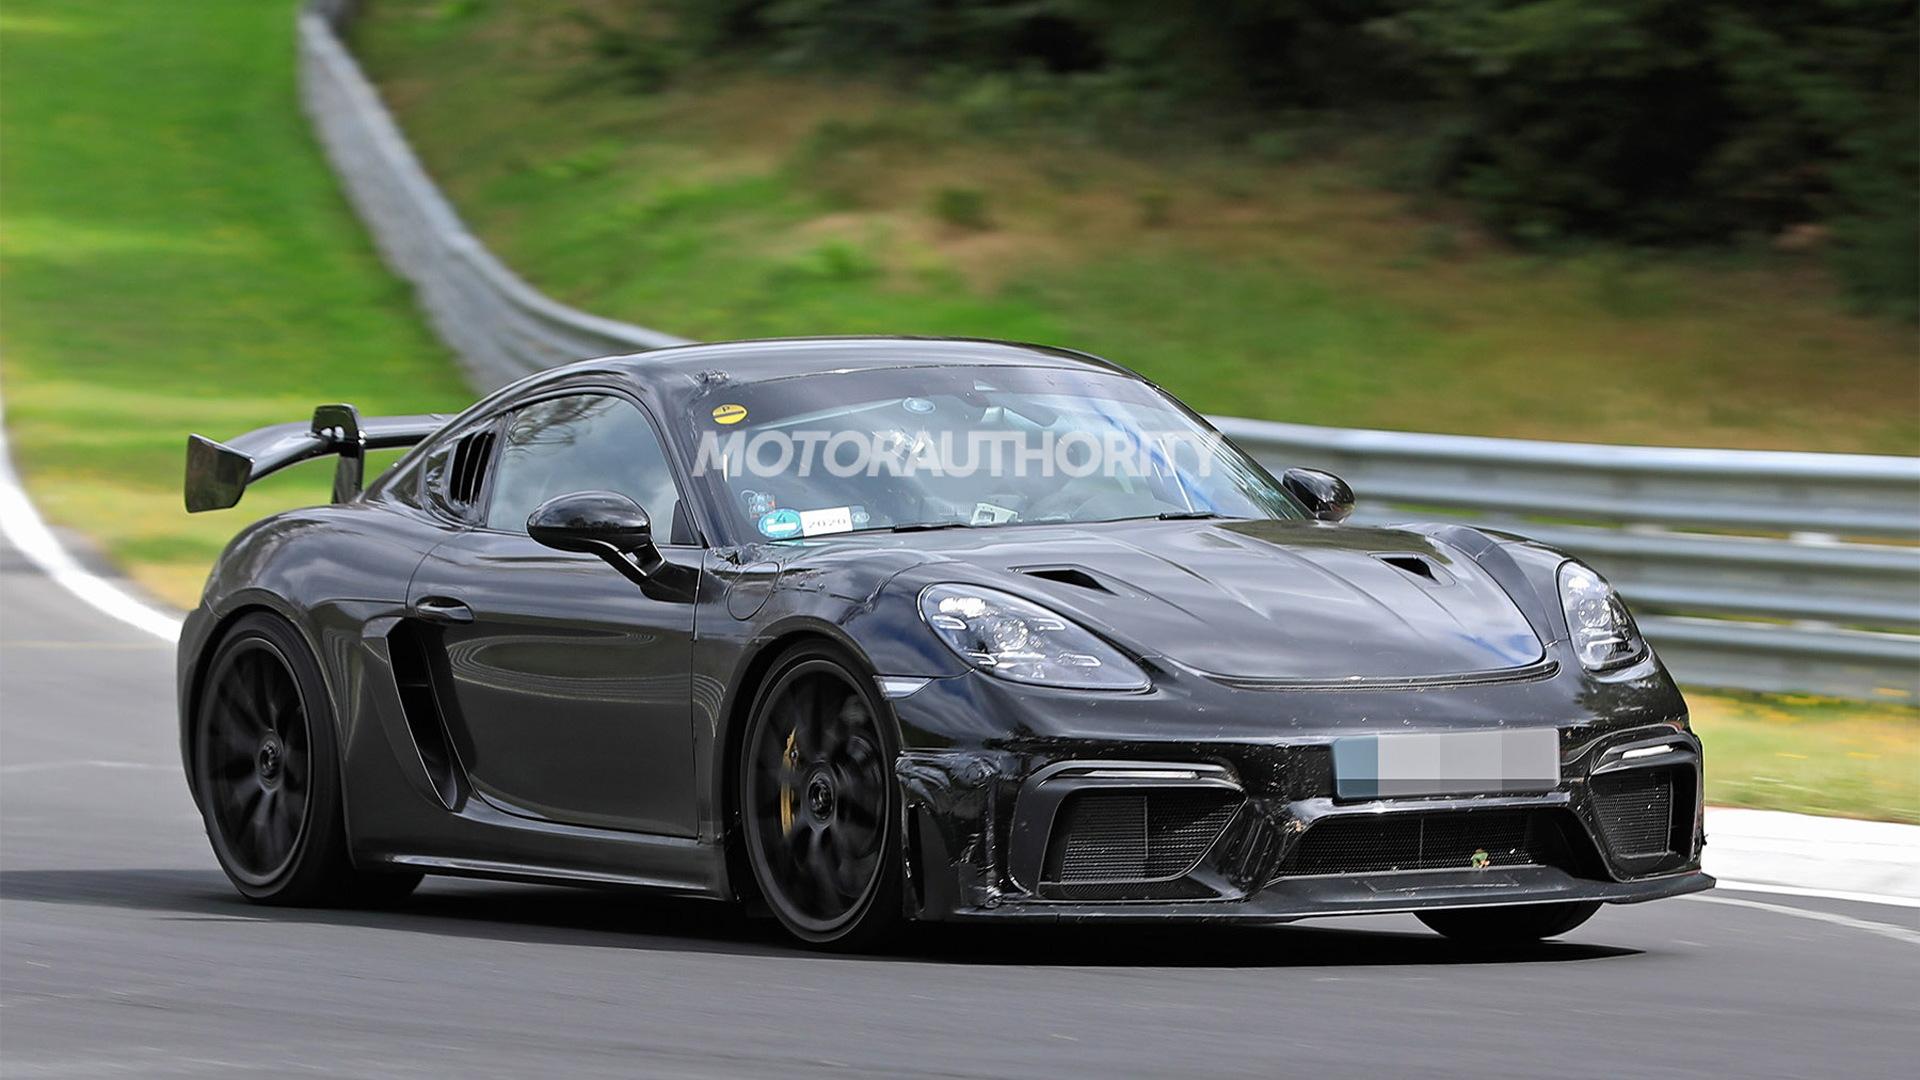 2021 Porsche 718 Cayman GT4 RS spy shots - Photo credit:S. Baldauf/SB-Medien